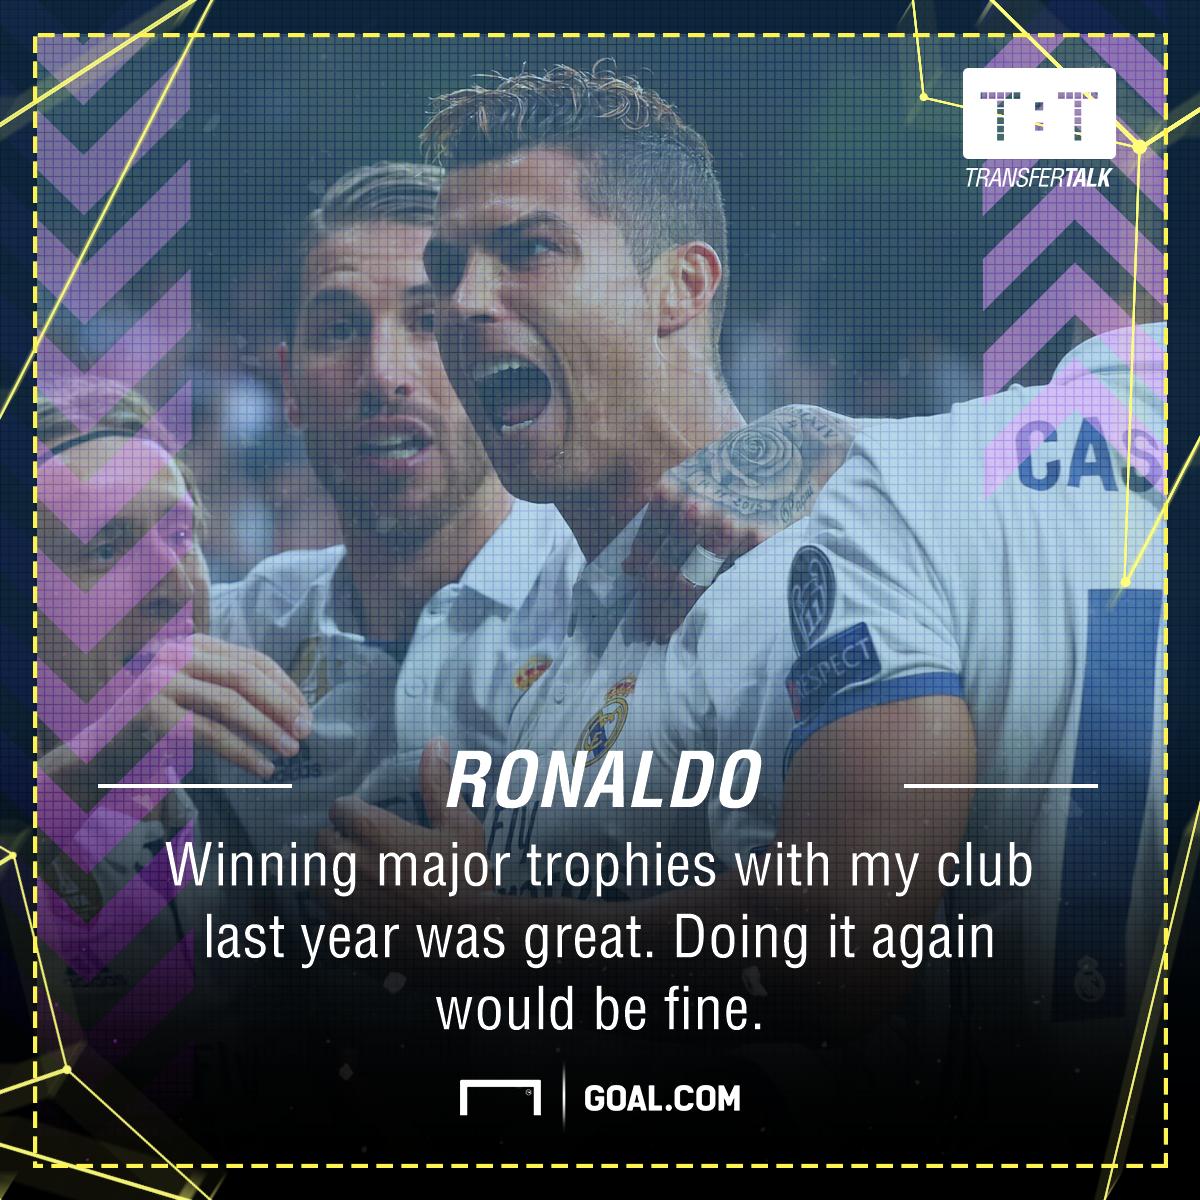 Cristiano Ronaldo Real Madrid future